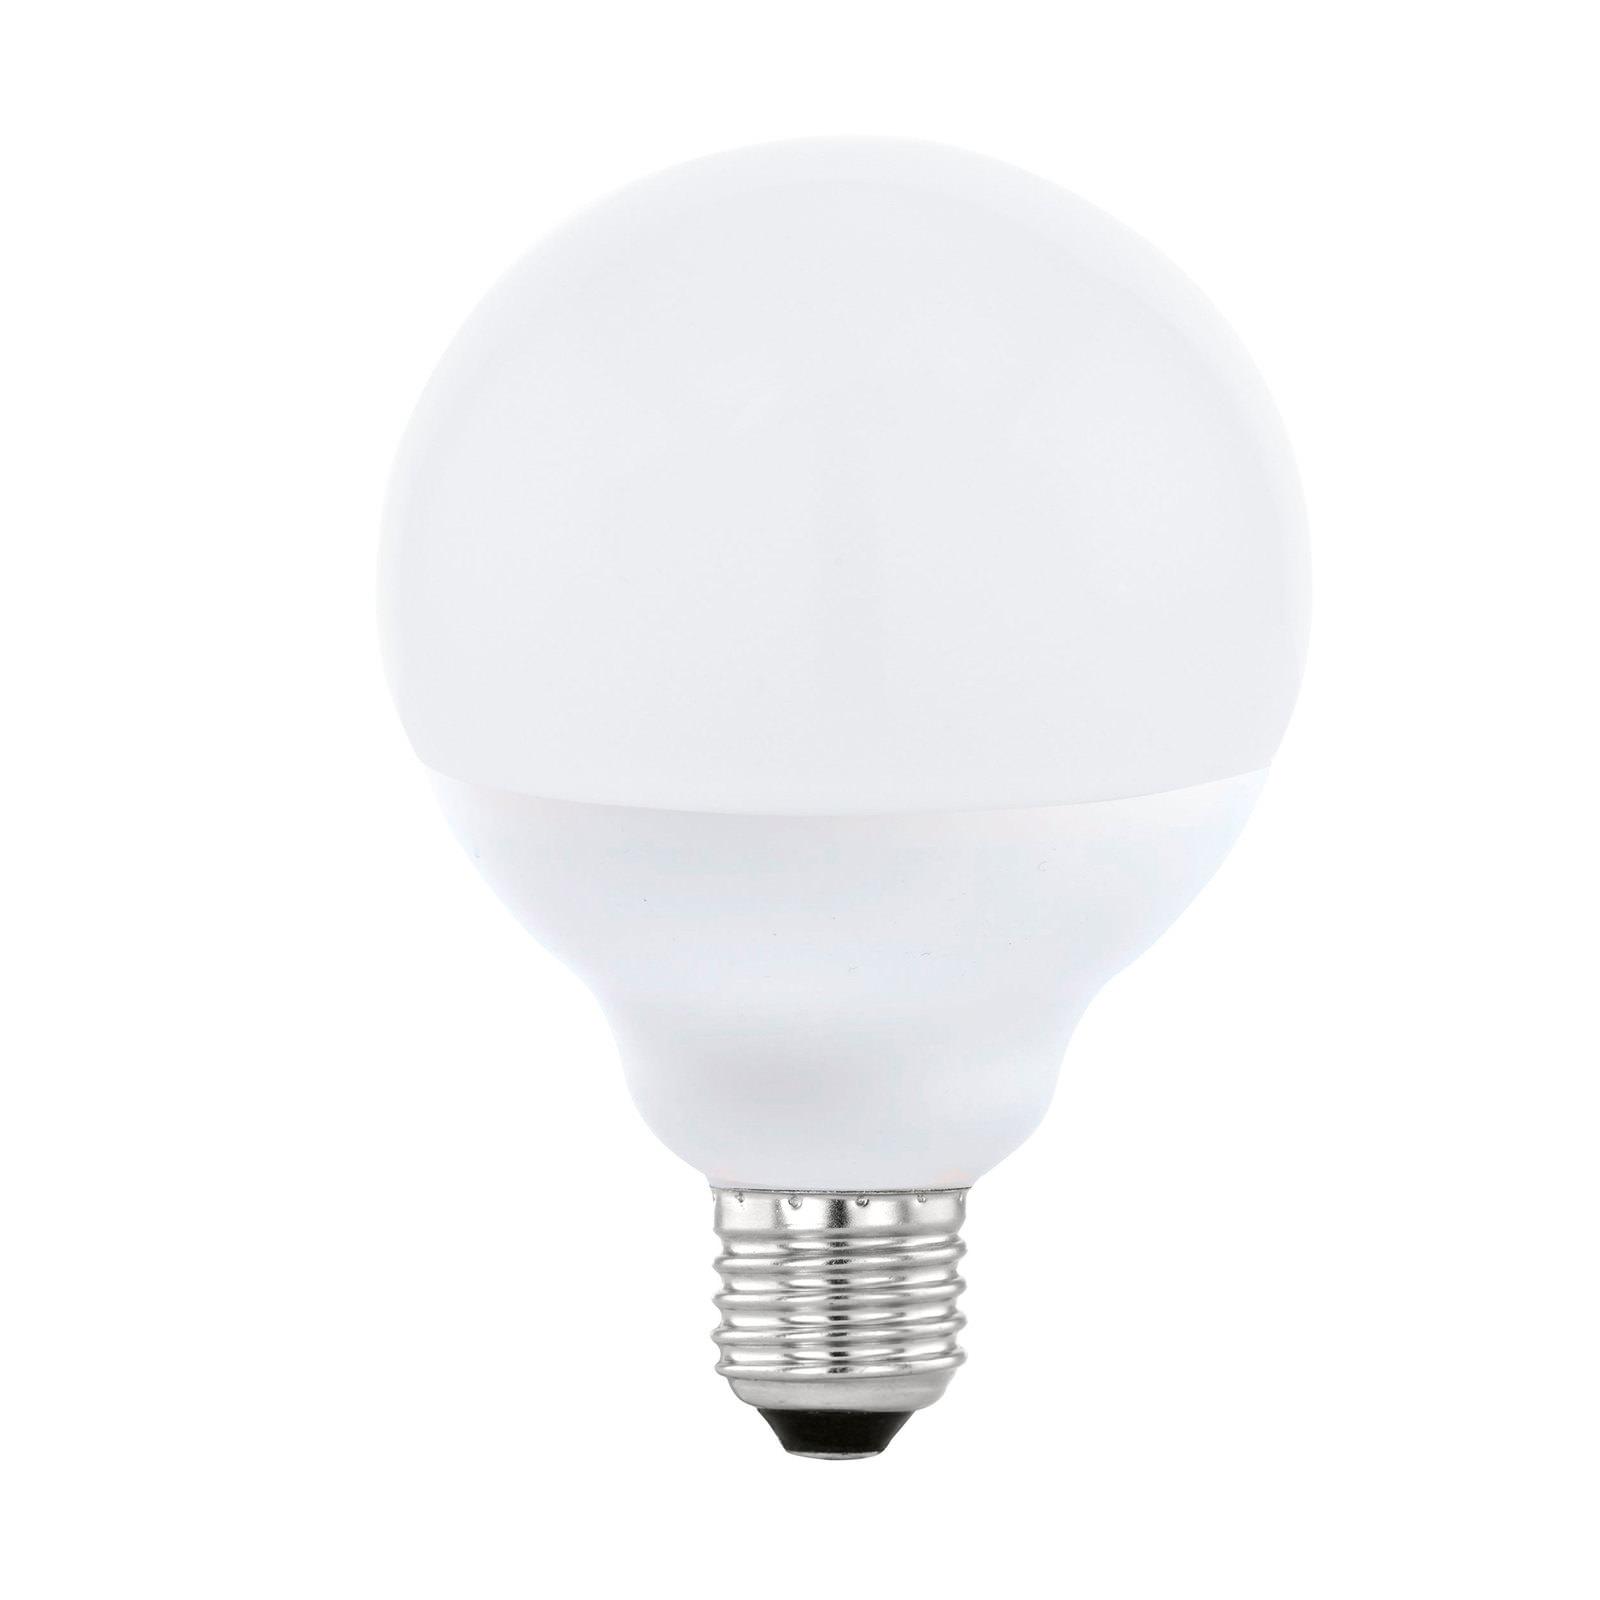 Eglo LED Leuchtmittel Weiß